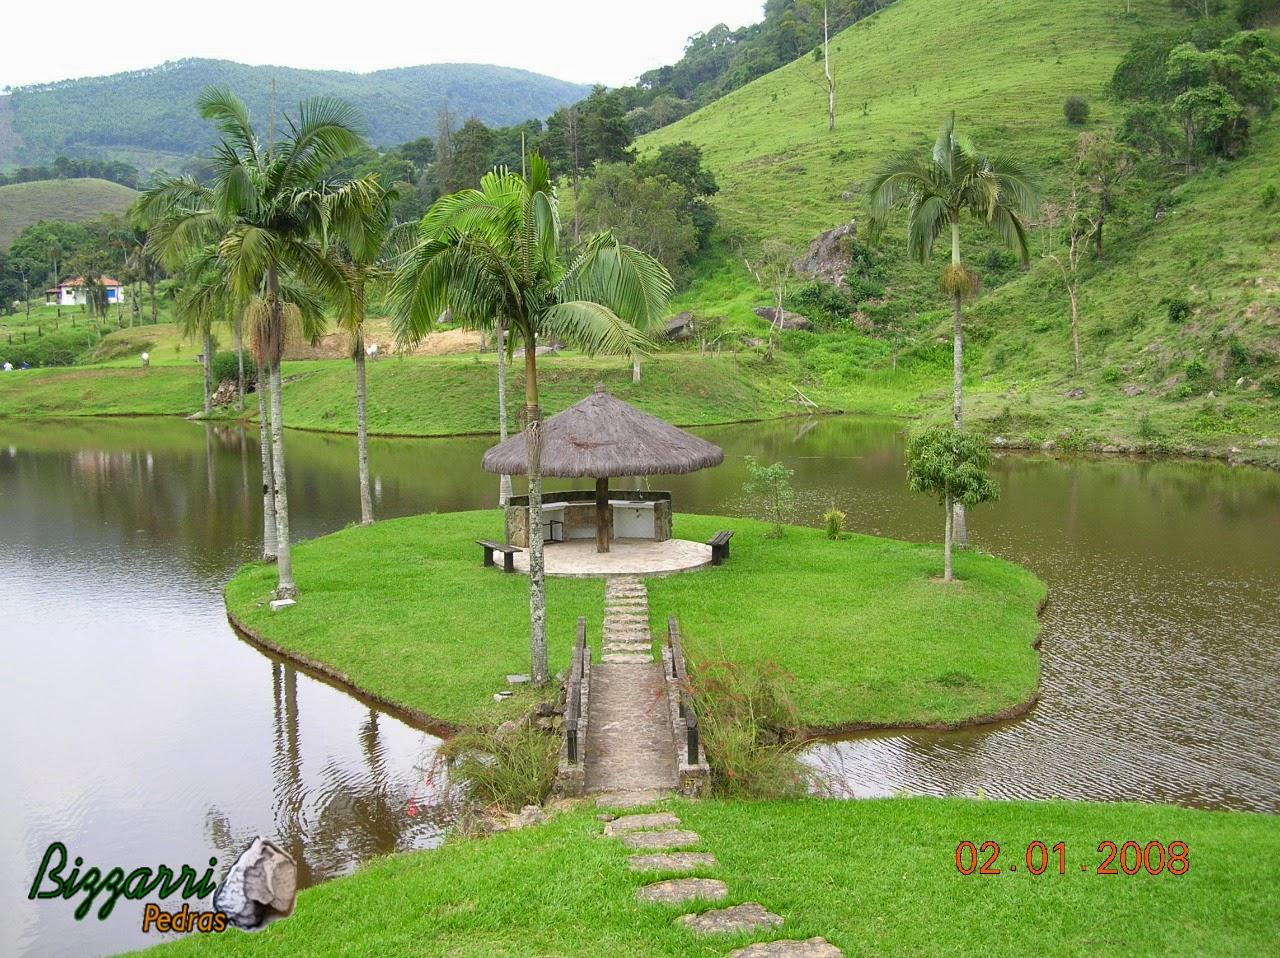 Nesse sítio em Nazaré Paulista-SP executamos s construção do lago com uma ilha no meio com a ponte de pedra, o quiosque de piaçava com caminho de pedra moledo.